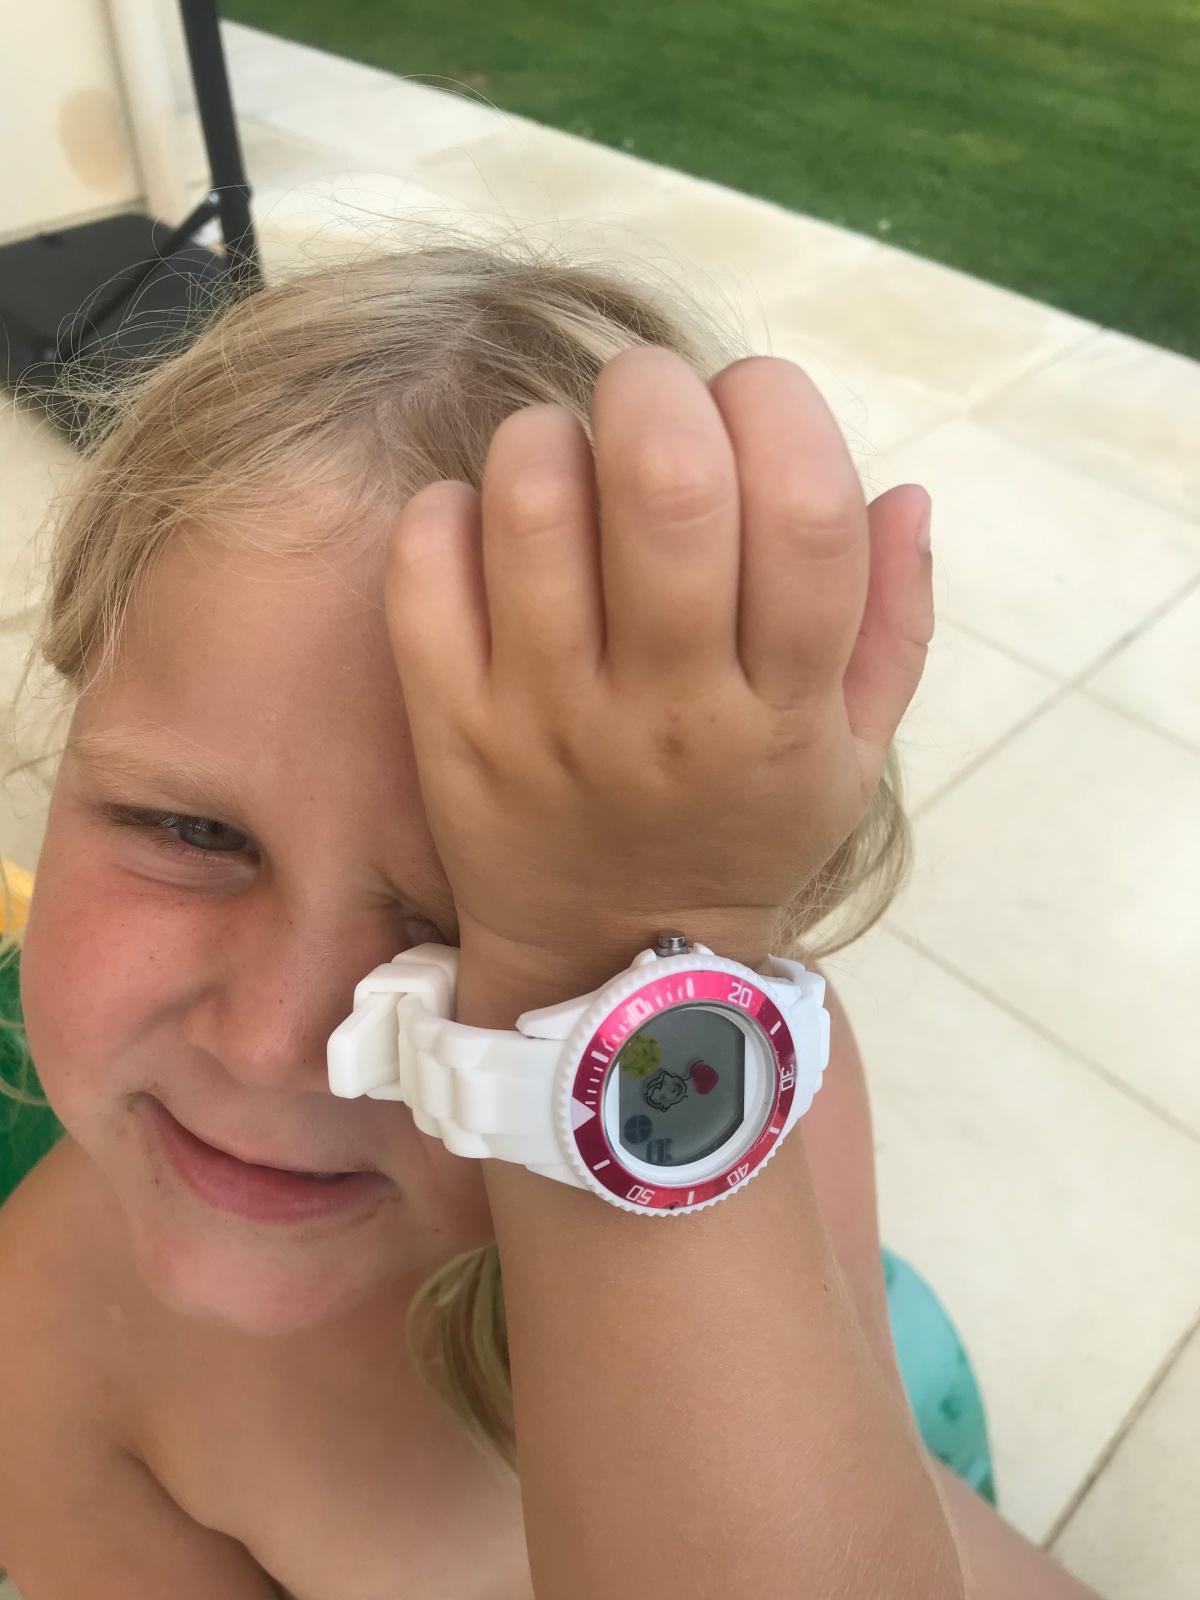 Une montre à 4 ans? C'estpossible!